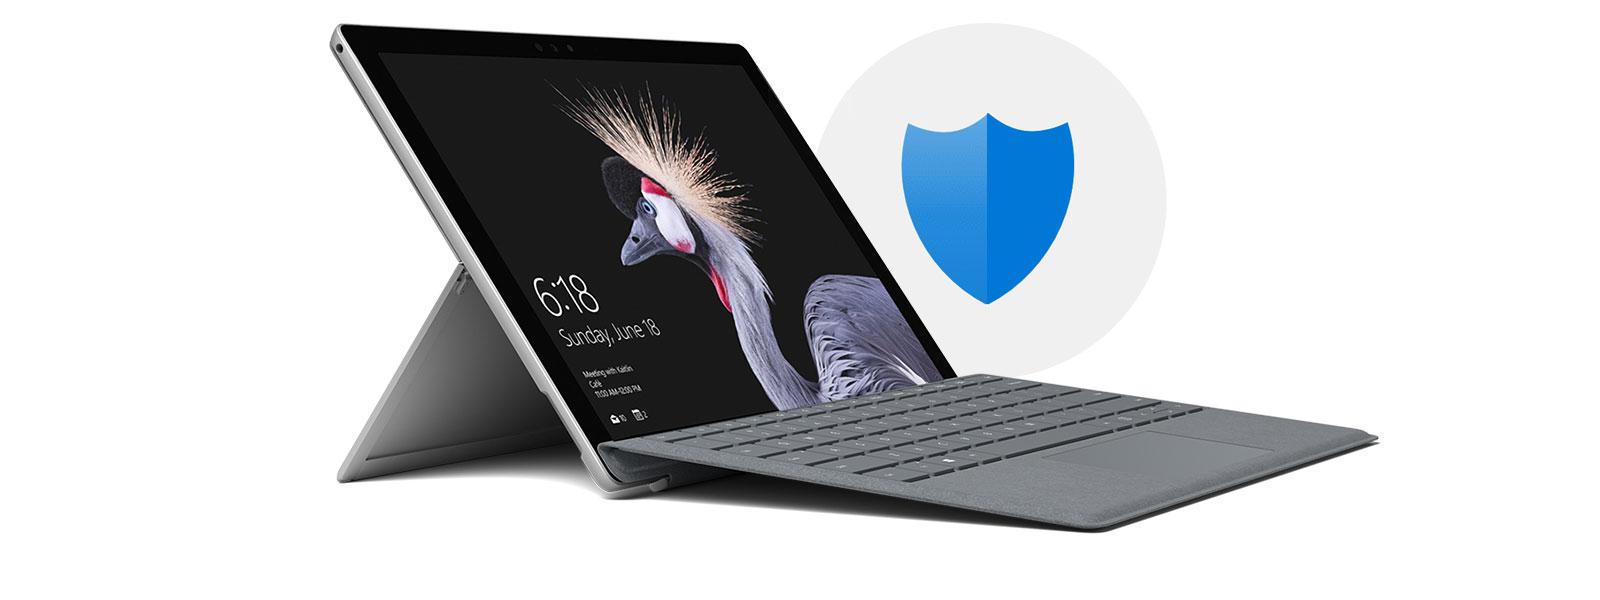 面朝右侧、处于笔记本电脑模式下、且显示开始画面的 Surface Pro,且背景中显示安全防护图标。